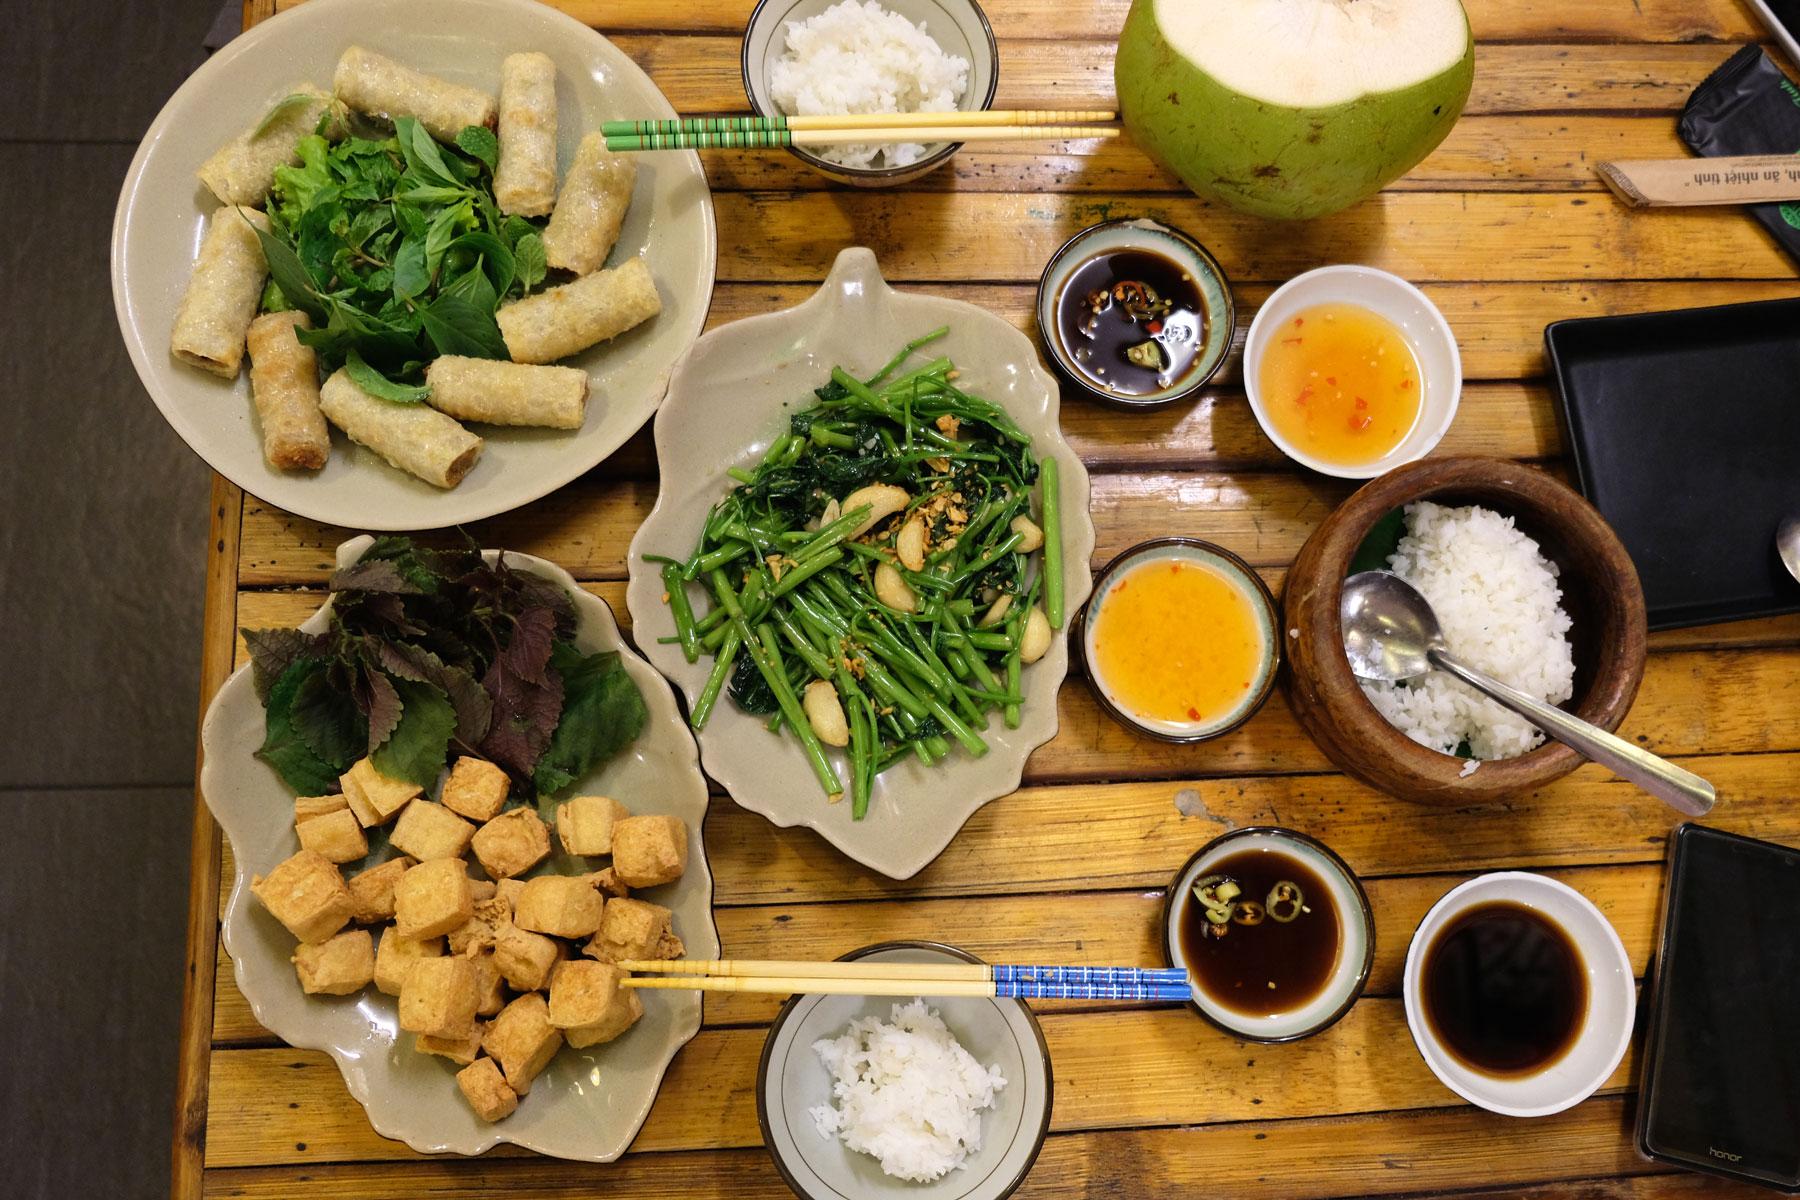 Auf dem Tisch steht unser leckeres vietnamesiches Abendessen.